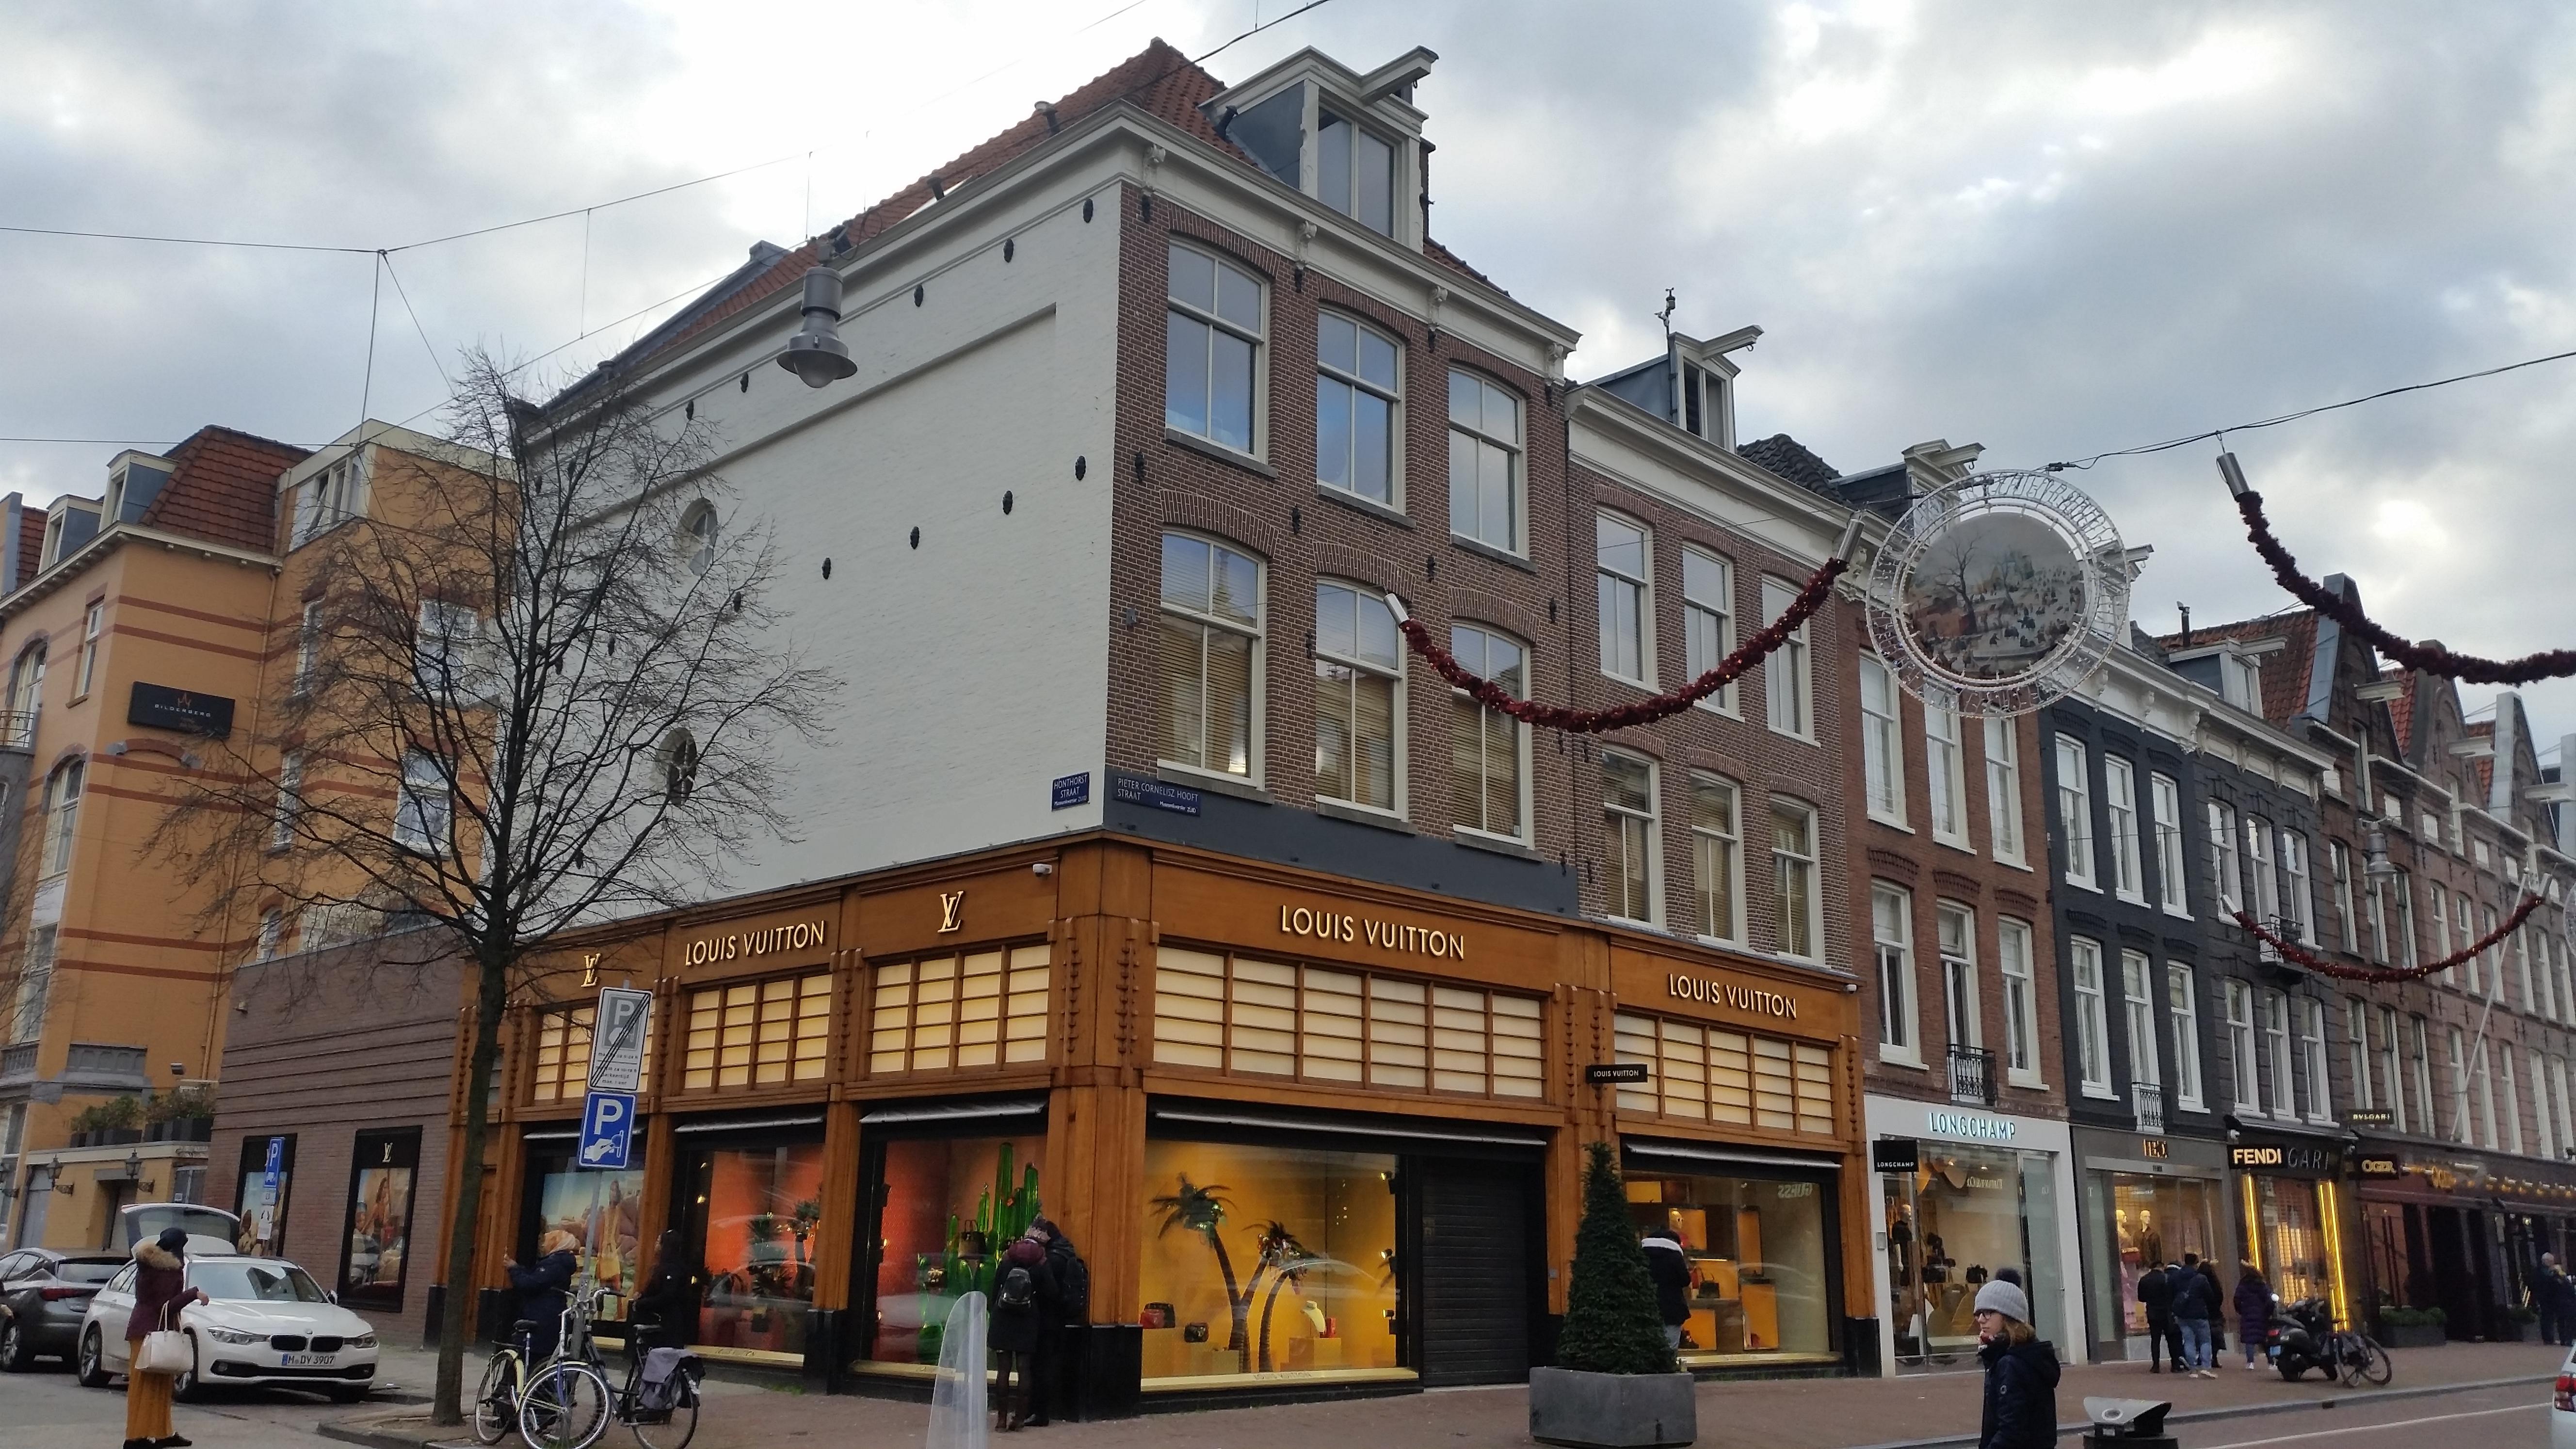 98bfd2688be Bestand:Honthorststraat 2, PC Hooftstraat 67.jpg - Wikipedia